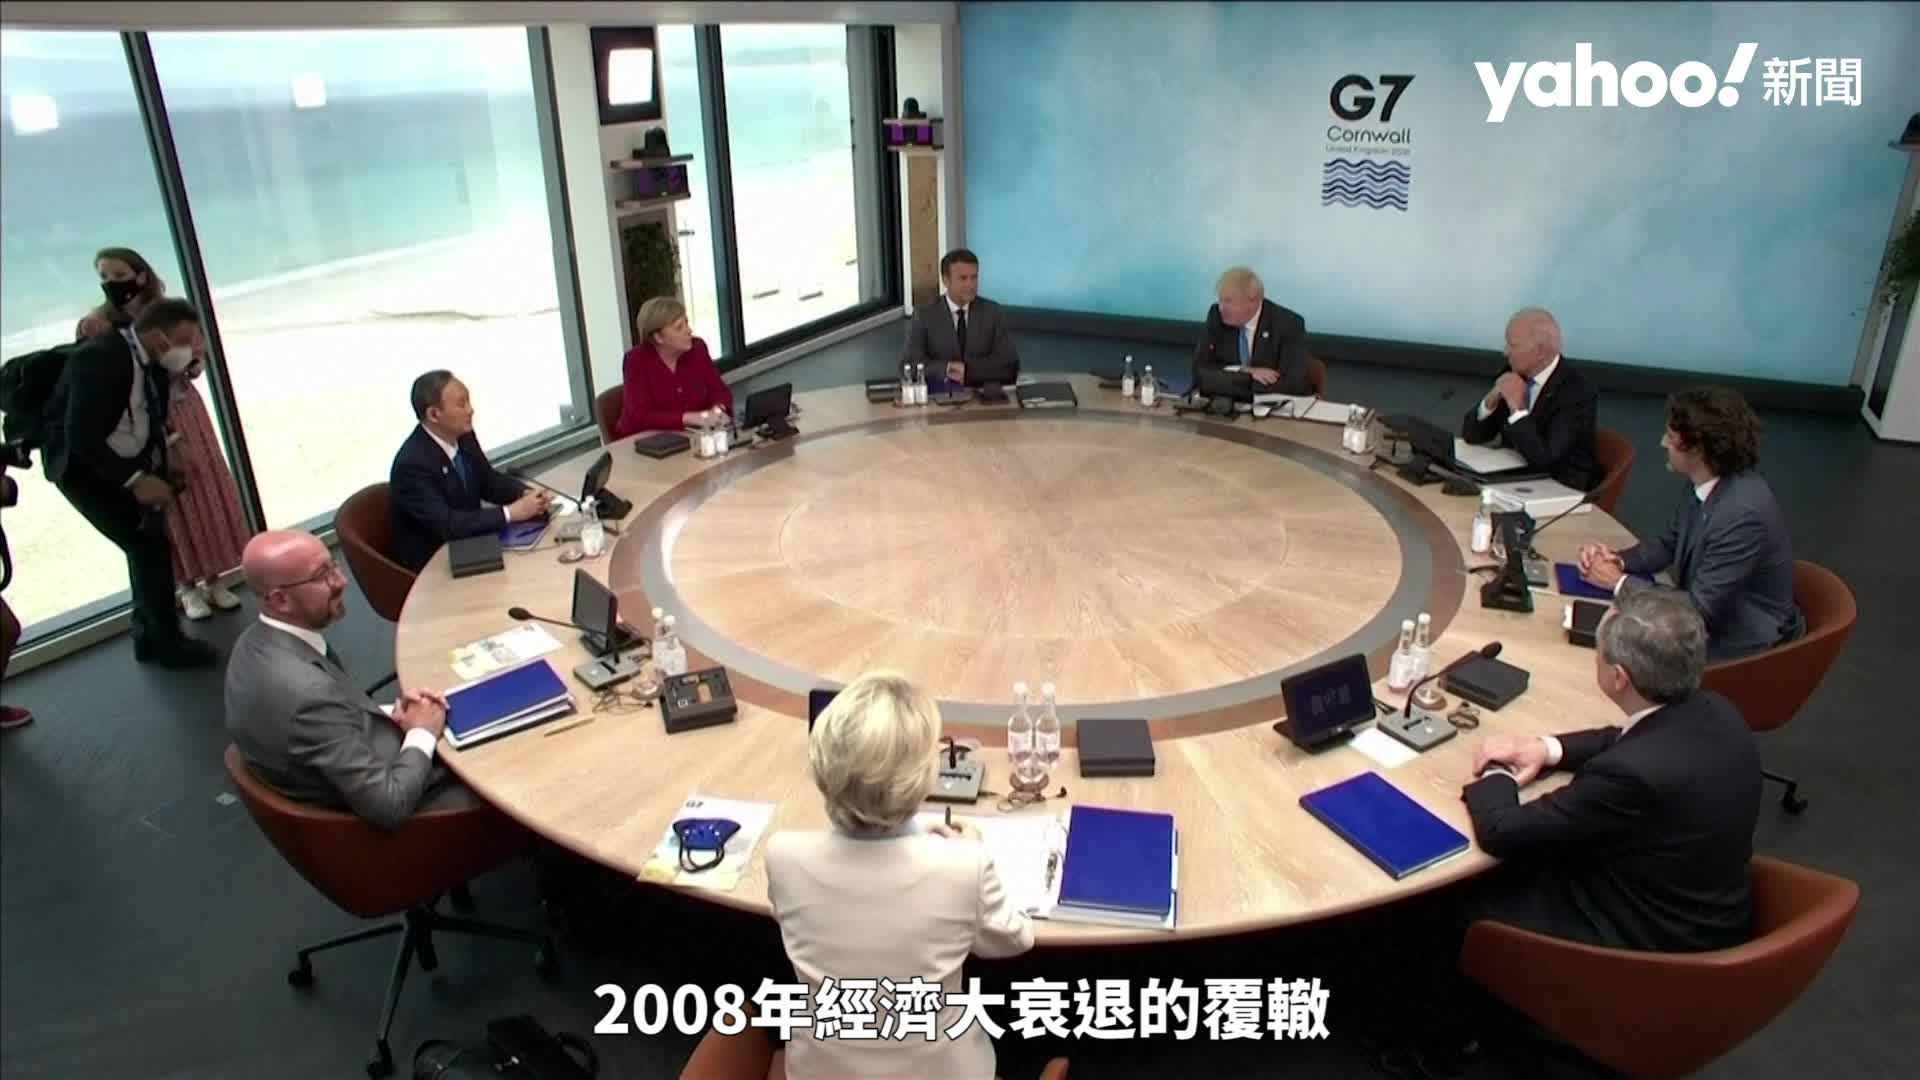 G7峰會領導人社交距離拍合照 強生圓桌會議籲:不能重蹈覆轍